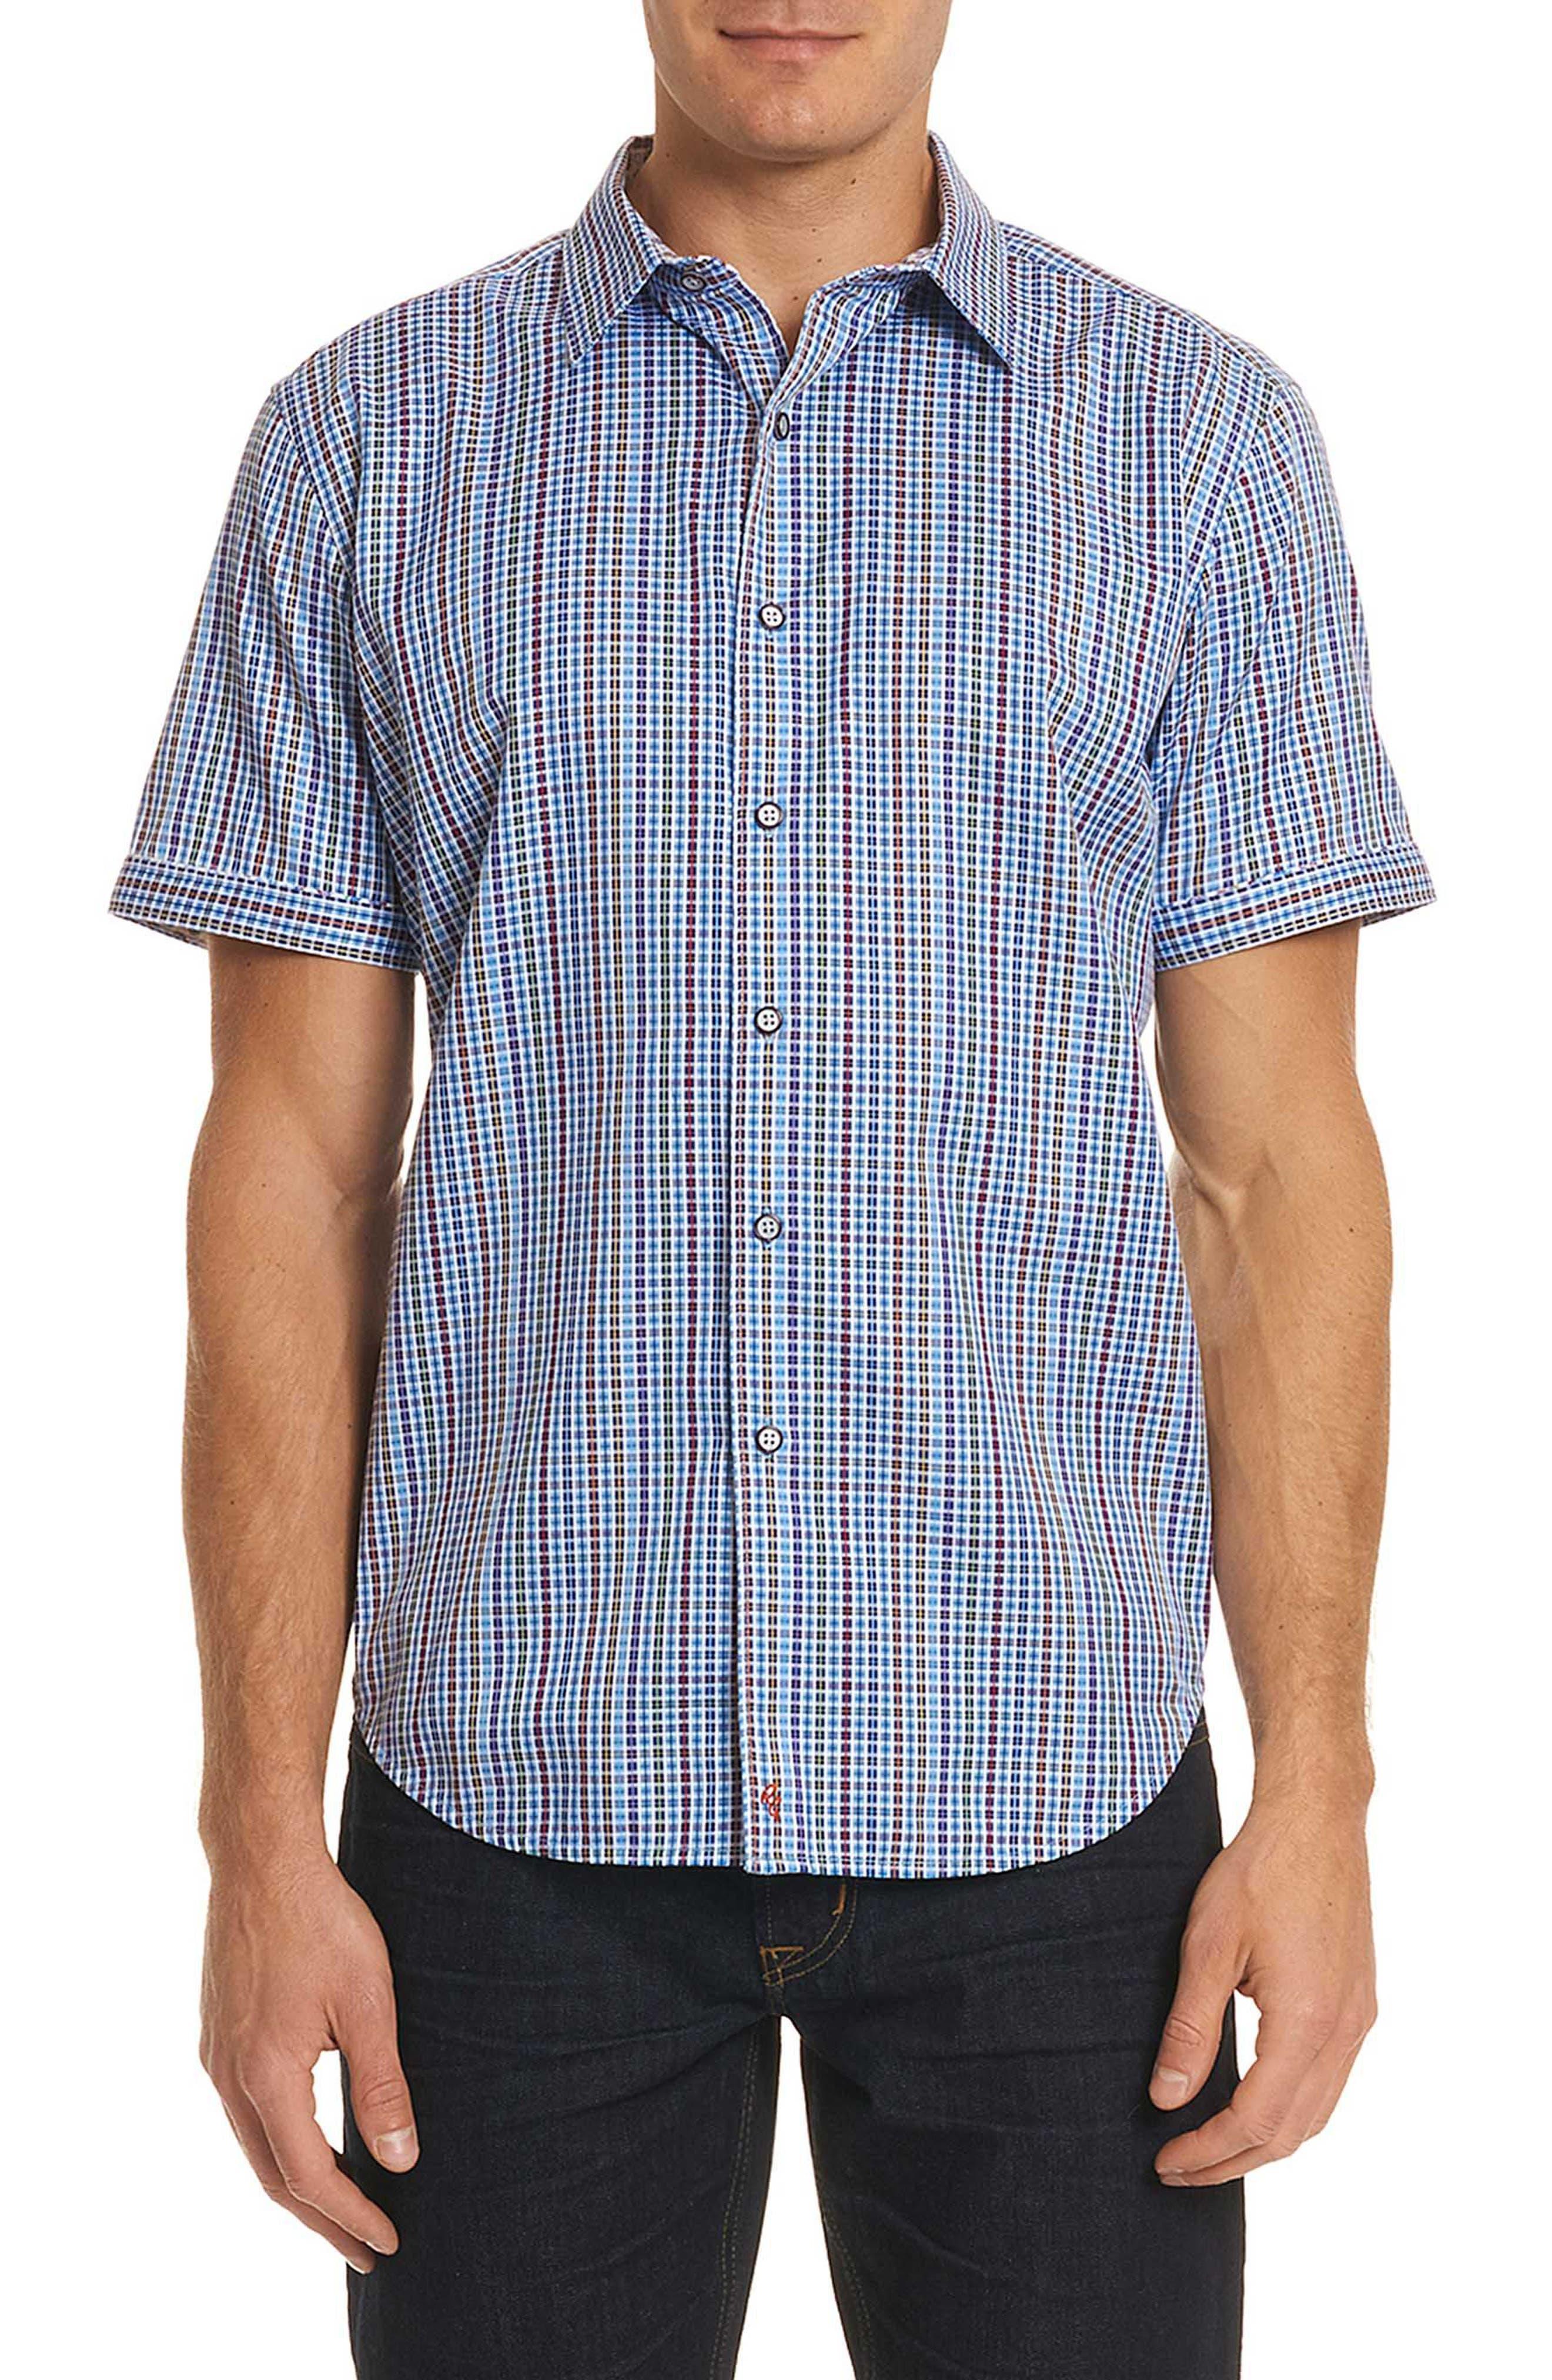 Palma Classic Fit Plaid Sport Shirt,                             Main thumbnail 1, color,                             Multi